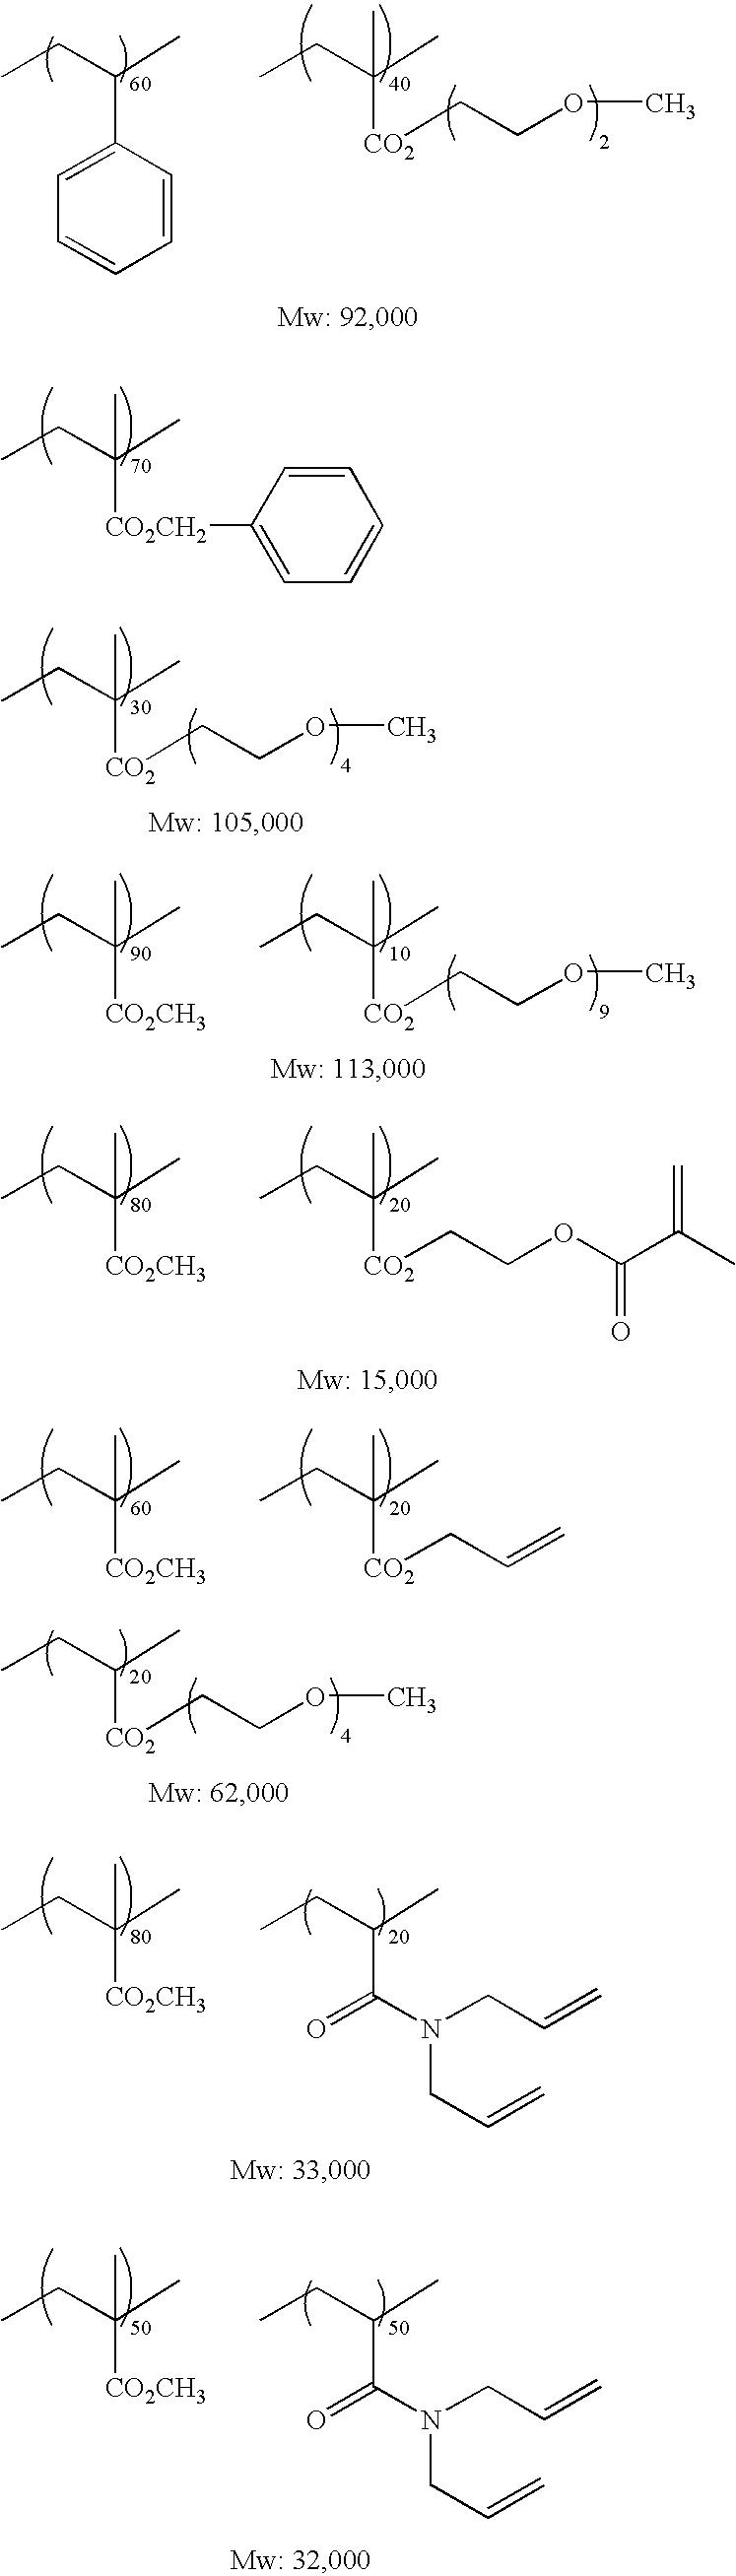 Figure US20090246653A1-20091001-C00006